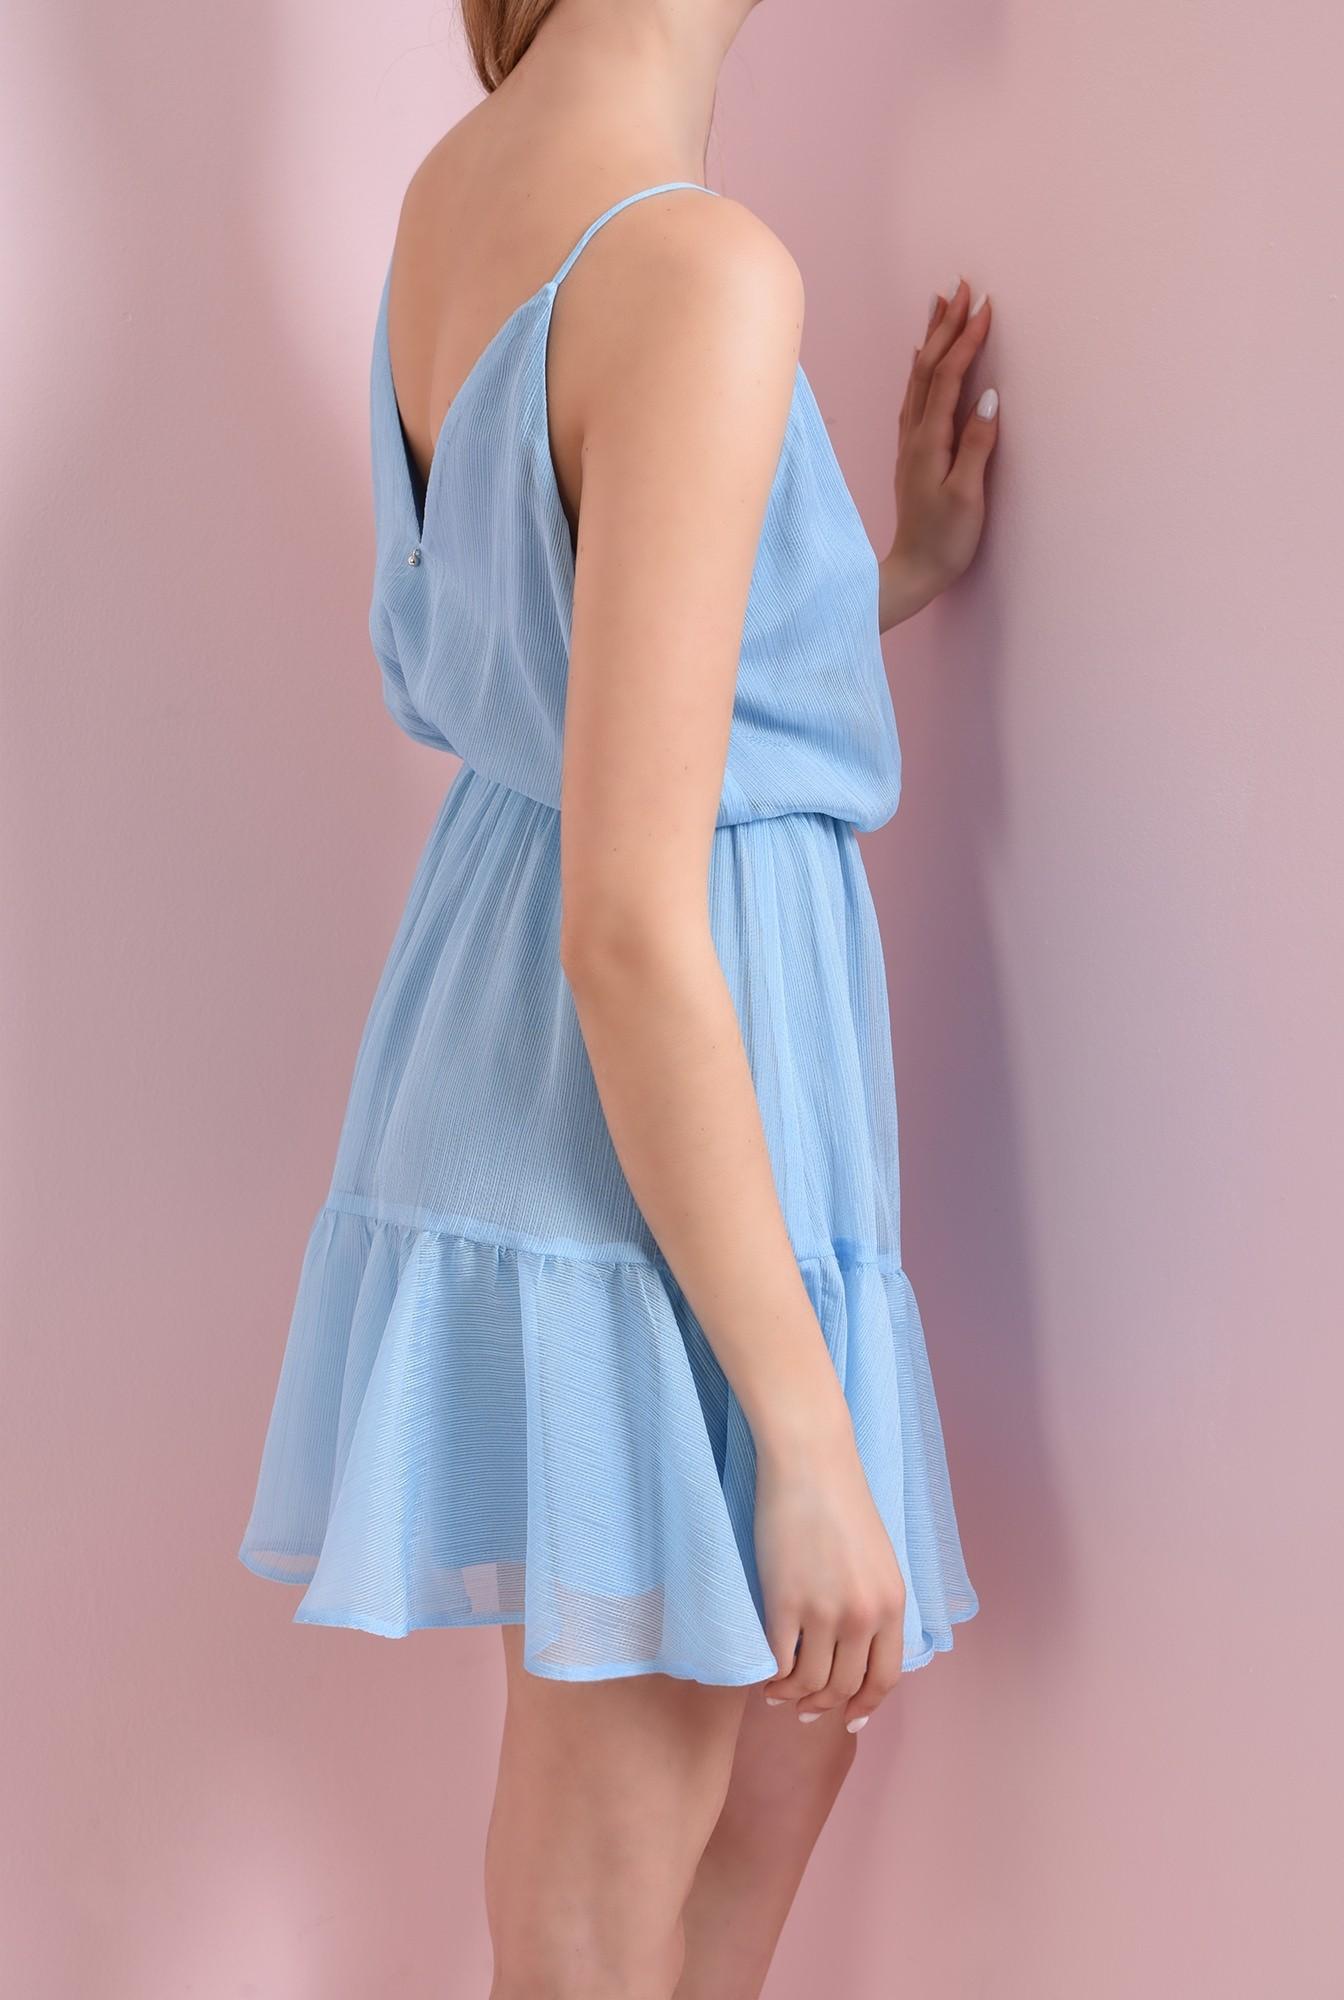 1 - 360 - rochie bleu, cu bretele, stransa la talie